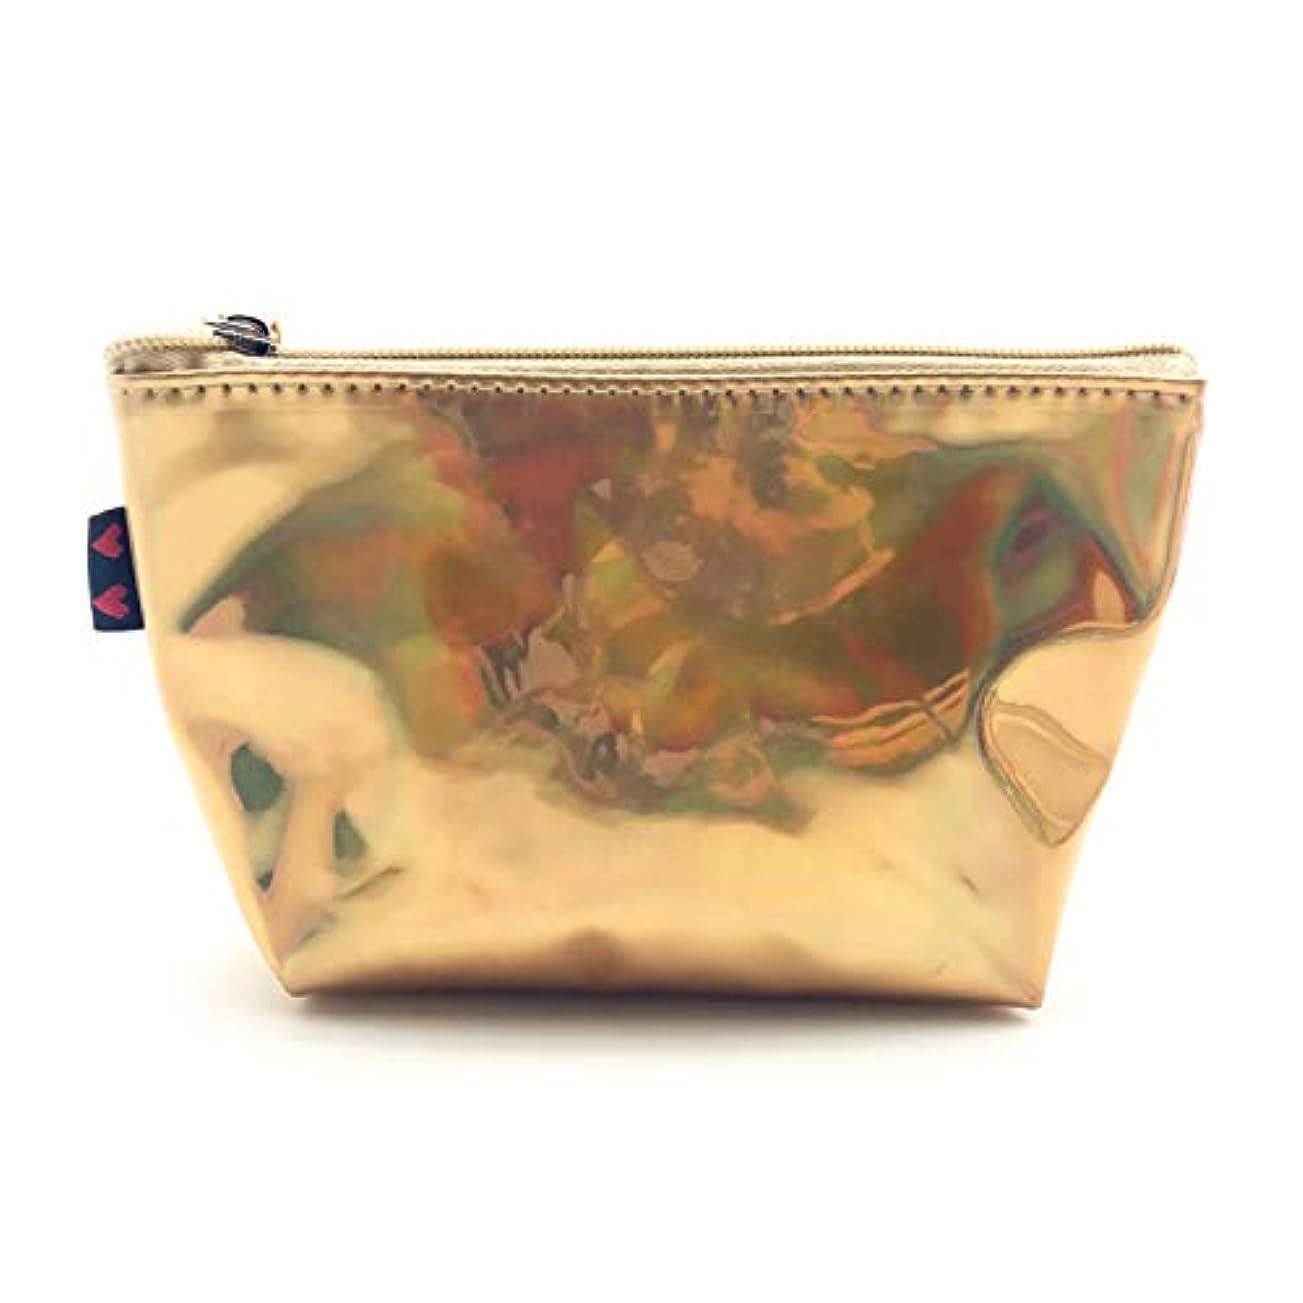 でる左マトンOU-Kunmlef 実用的な新リーフ小レーザーメイクアップポータブル旅行バッグ化粧品の女性`(None gold)